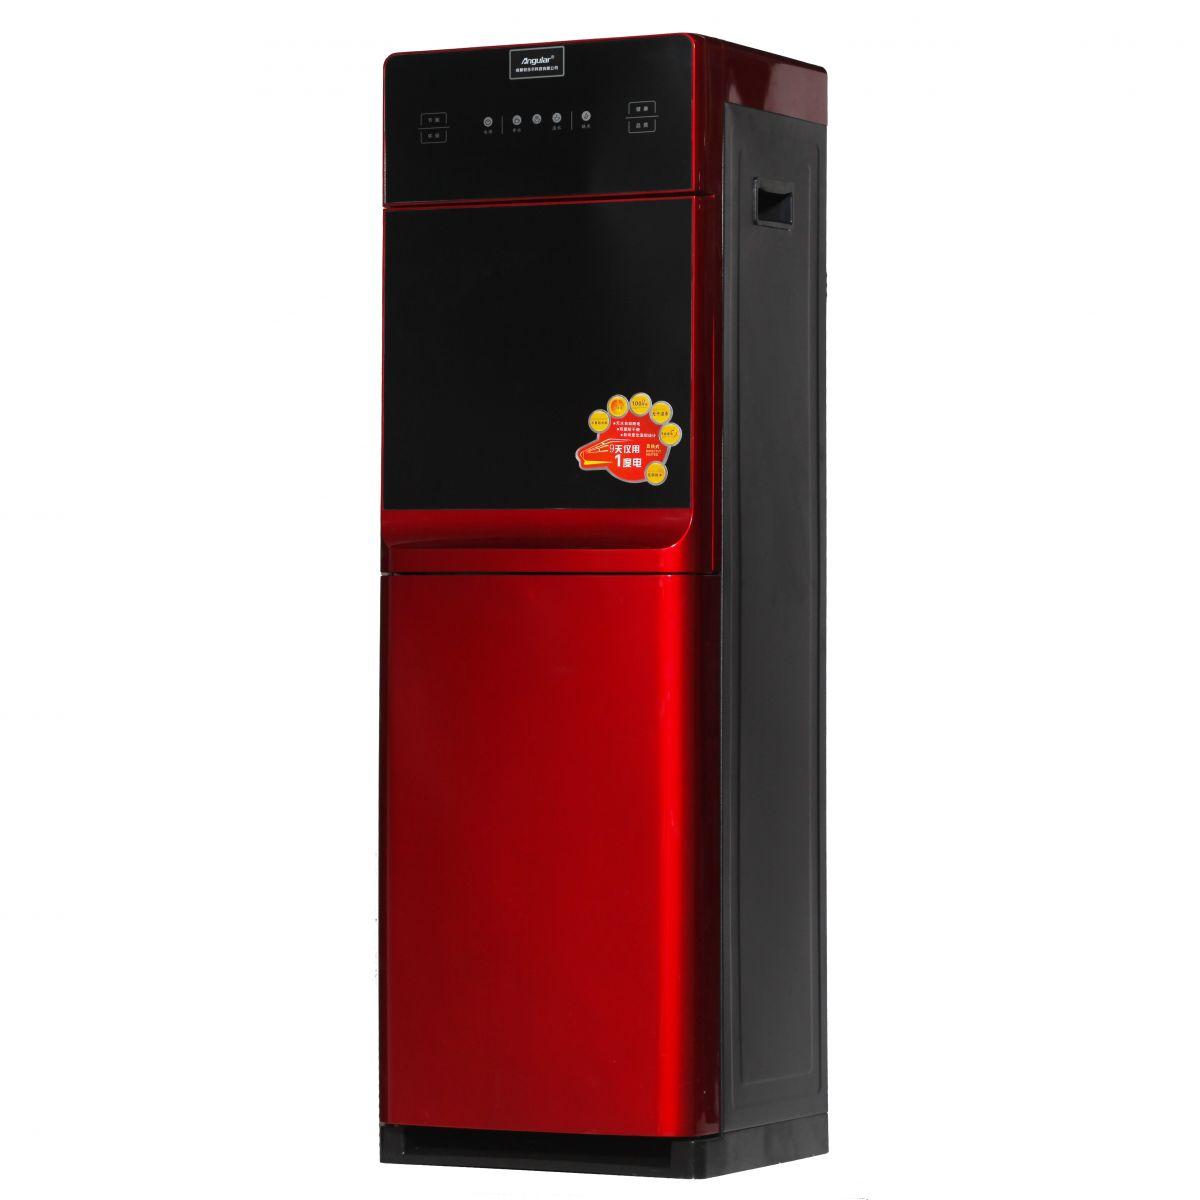 69268(69268A)红色无胆饮水机